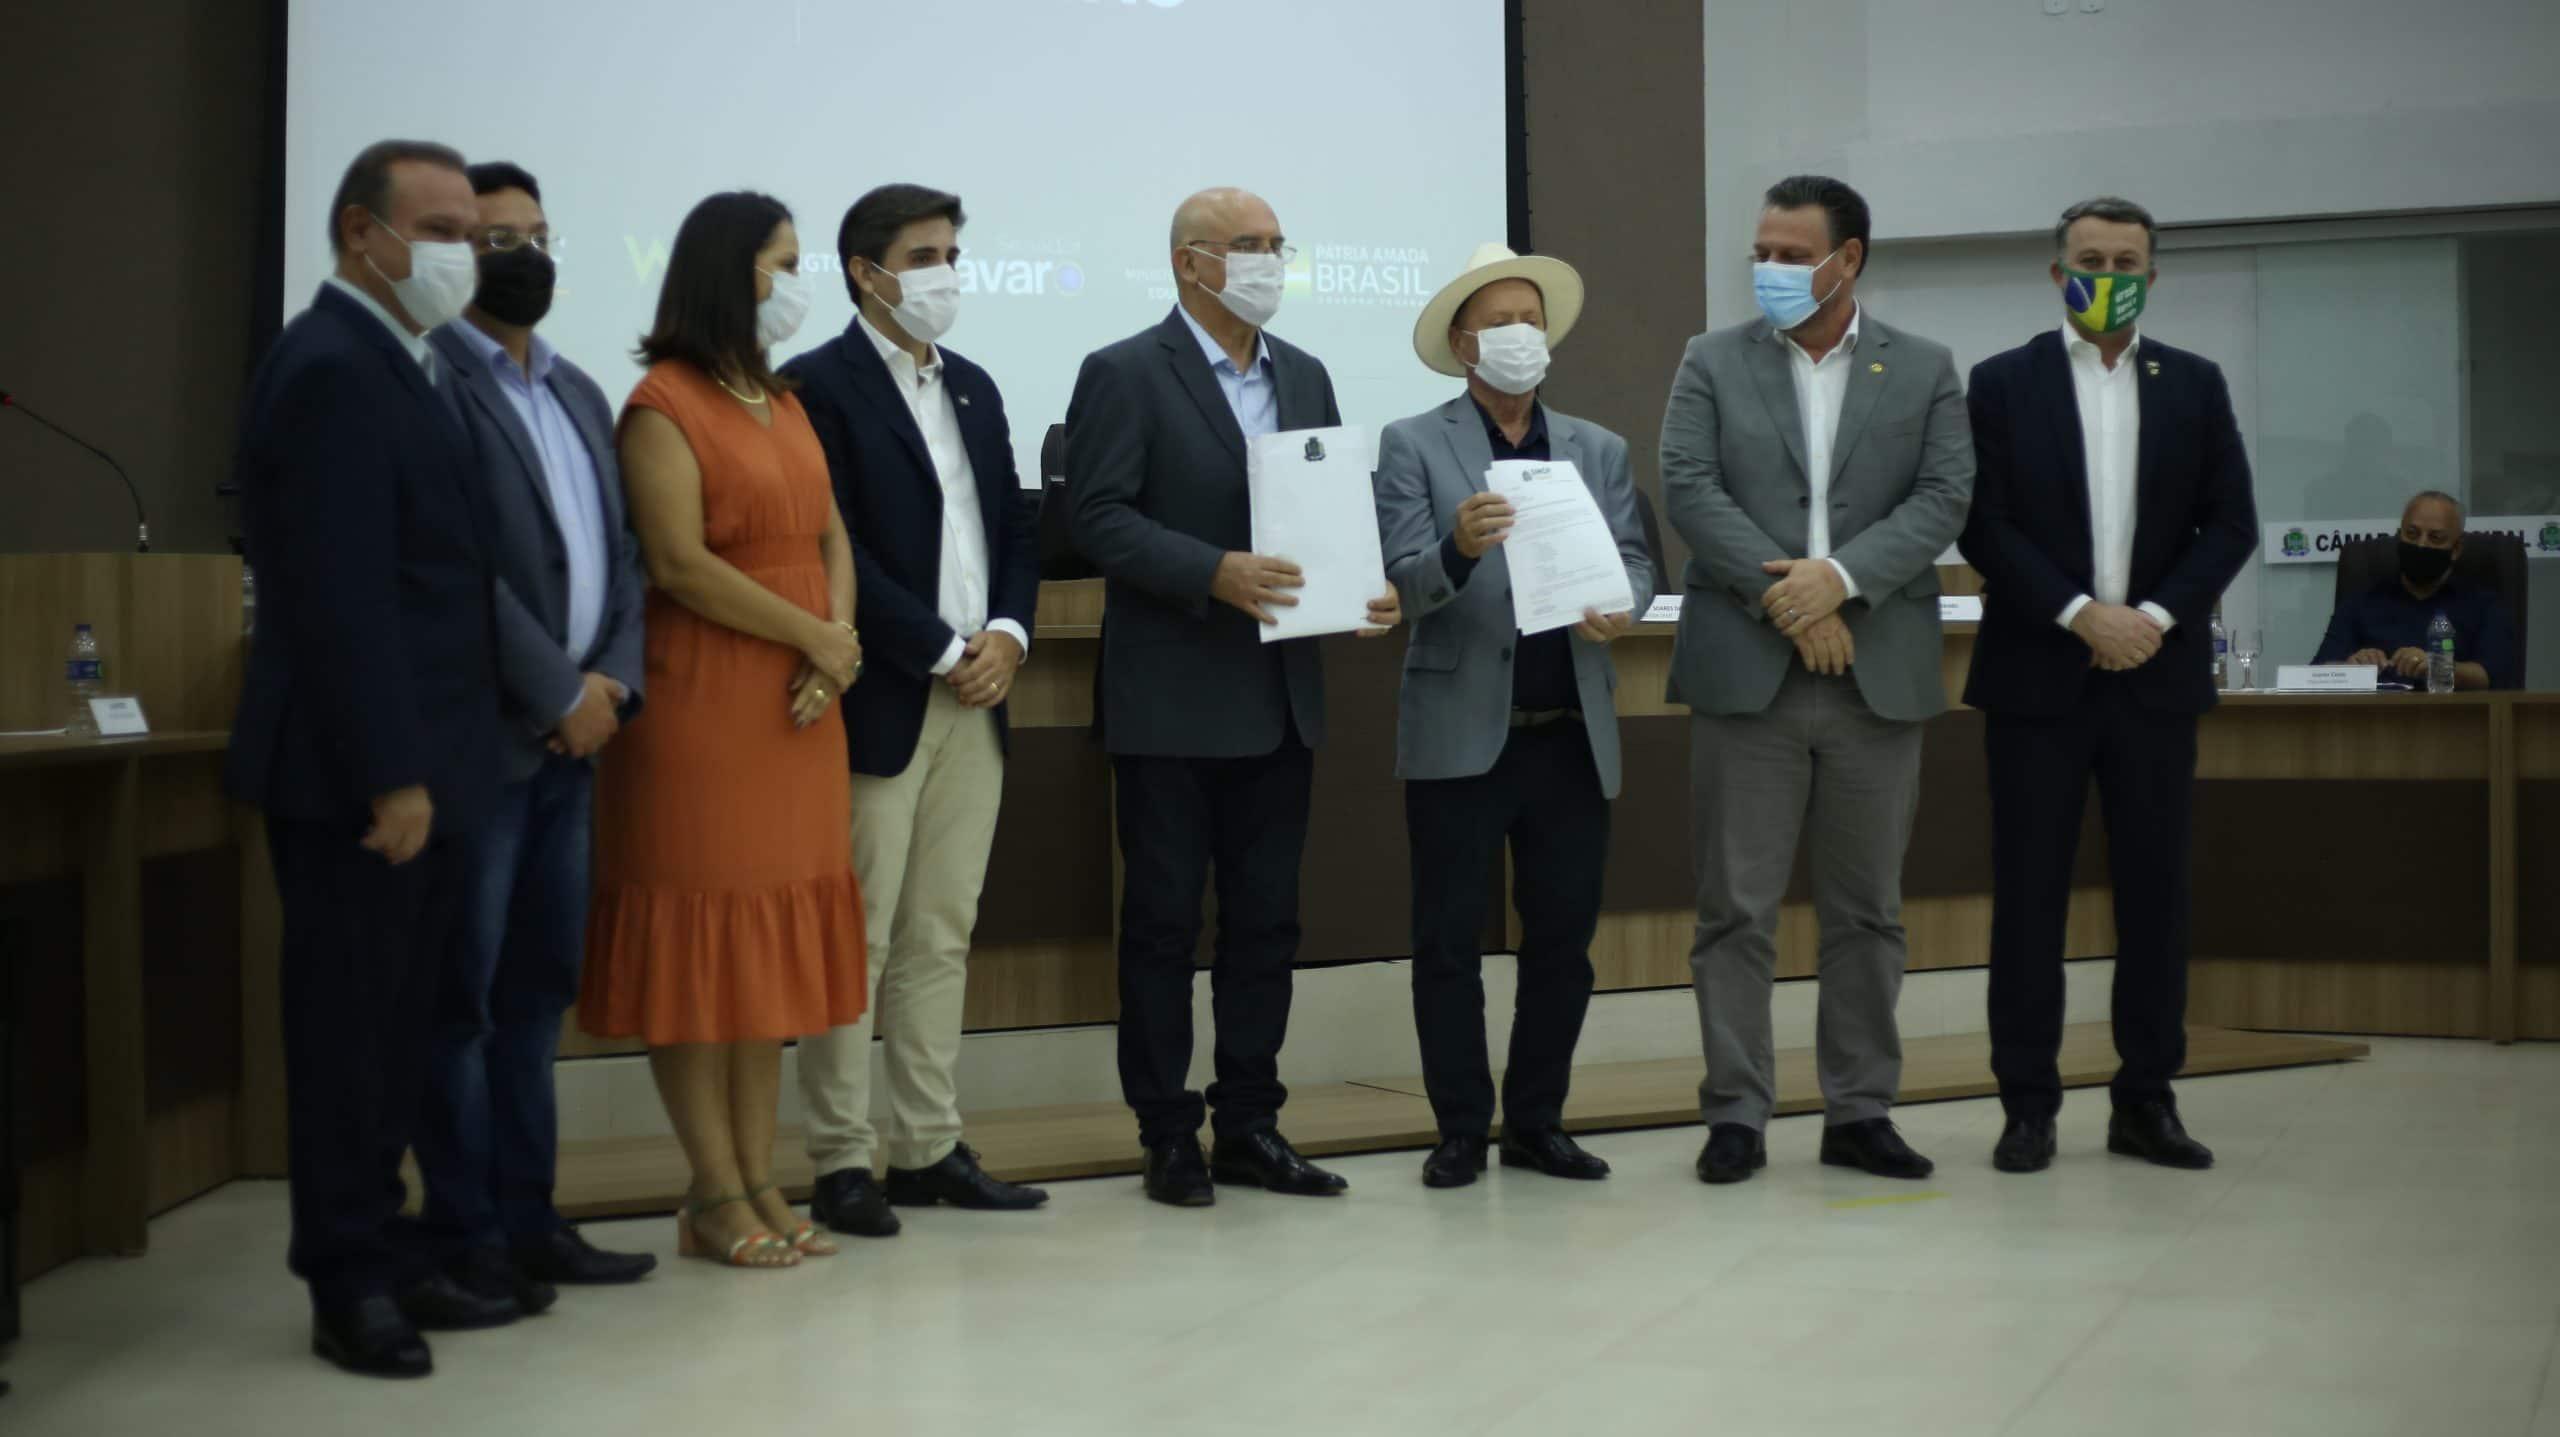 SINOP: Em evento, ministro da educação mostra apoio para criação de UFNMT 7